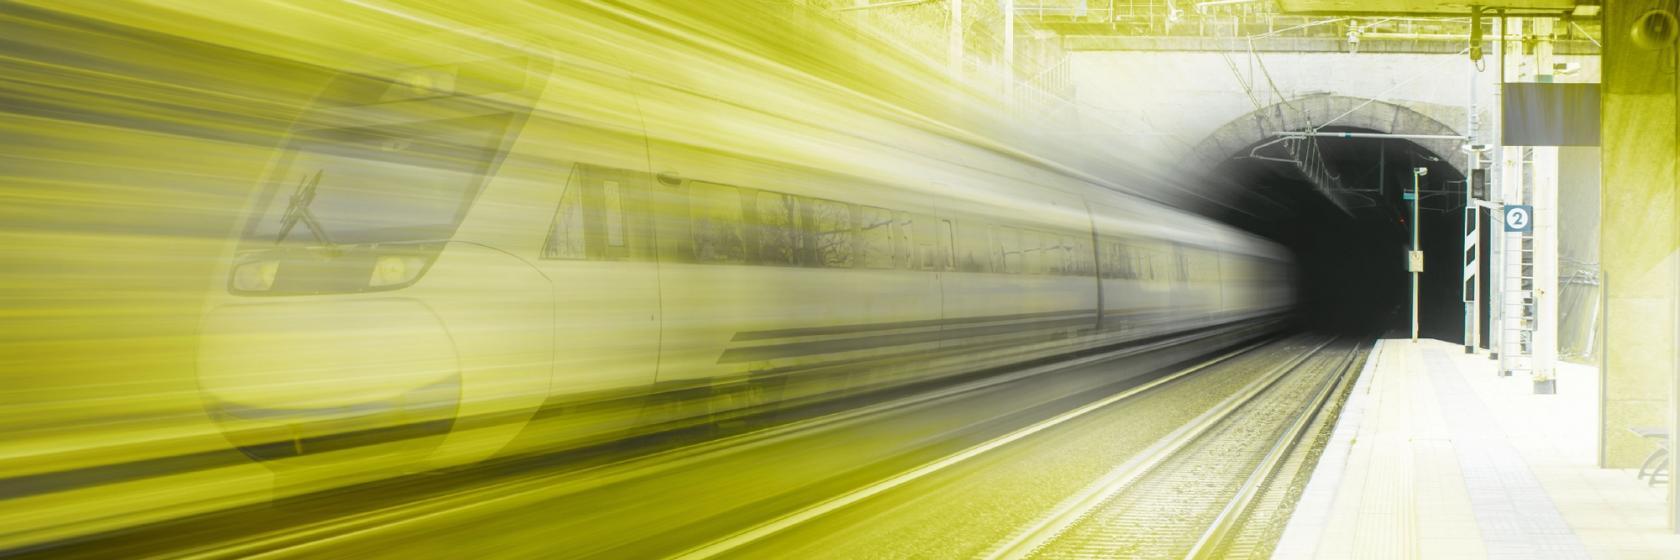 BIM-Daten für das RailPipe System